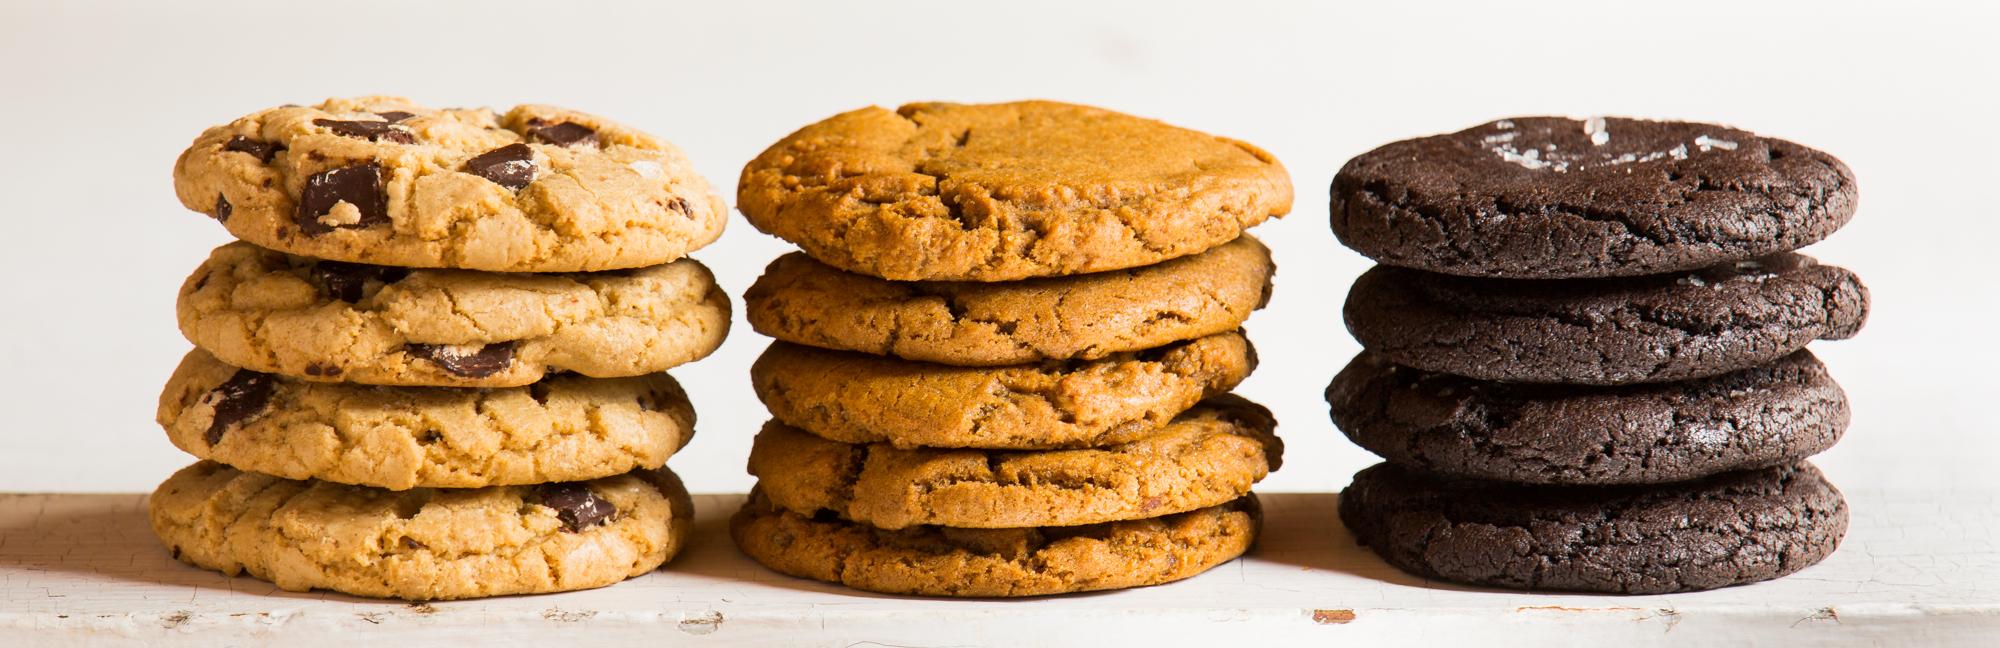 Cookie_pan_SqSpc.jpg